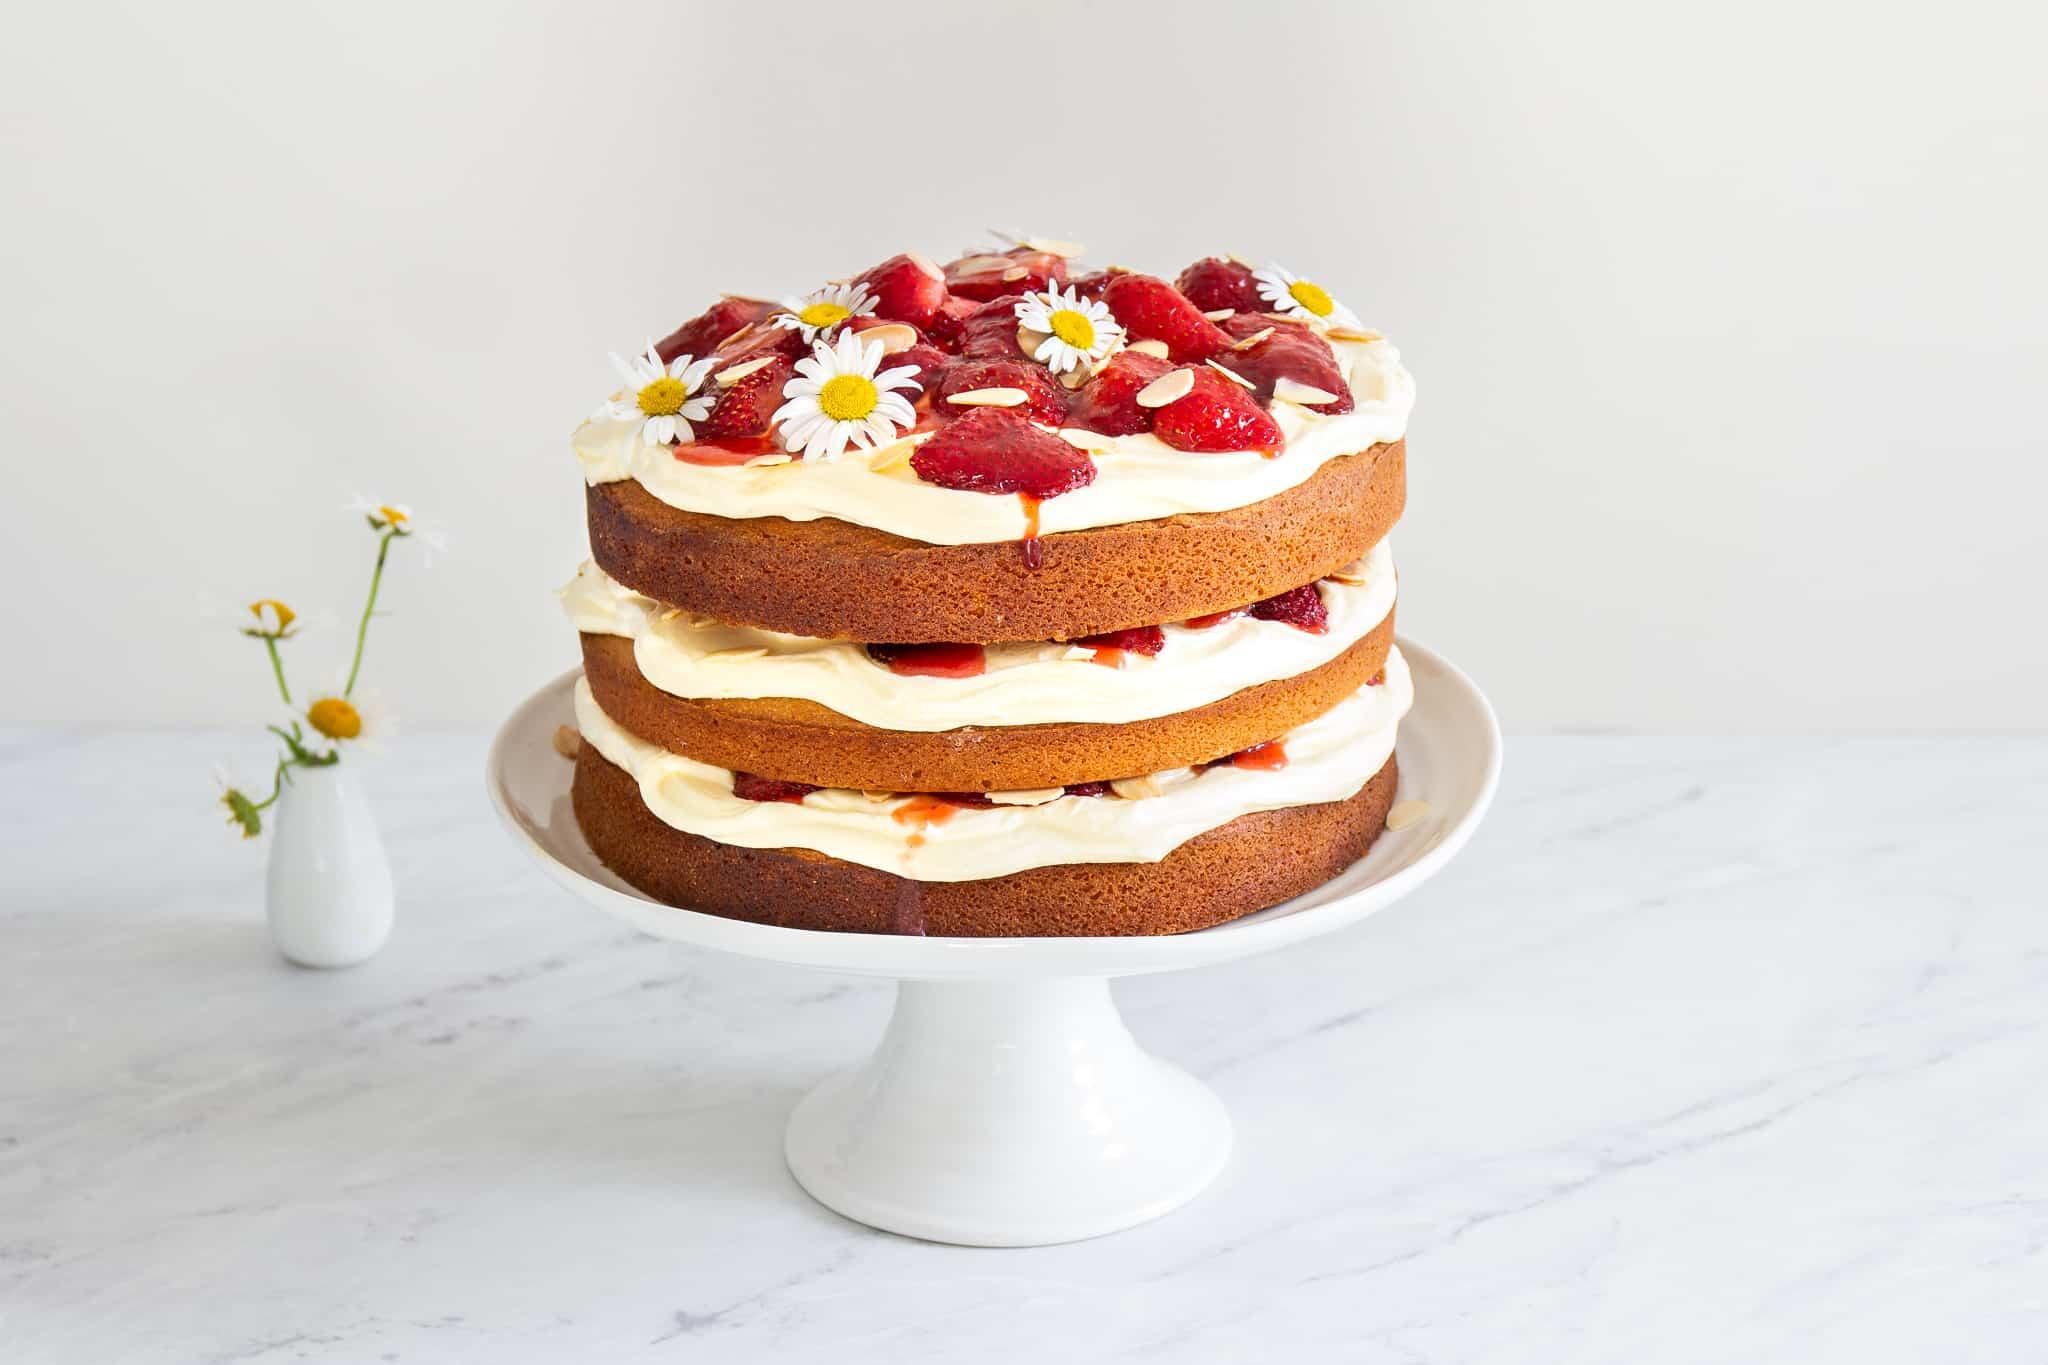 Victoria Sponge with Roast Strawberries